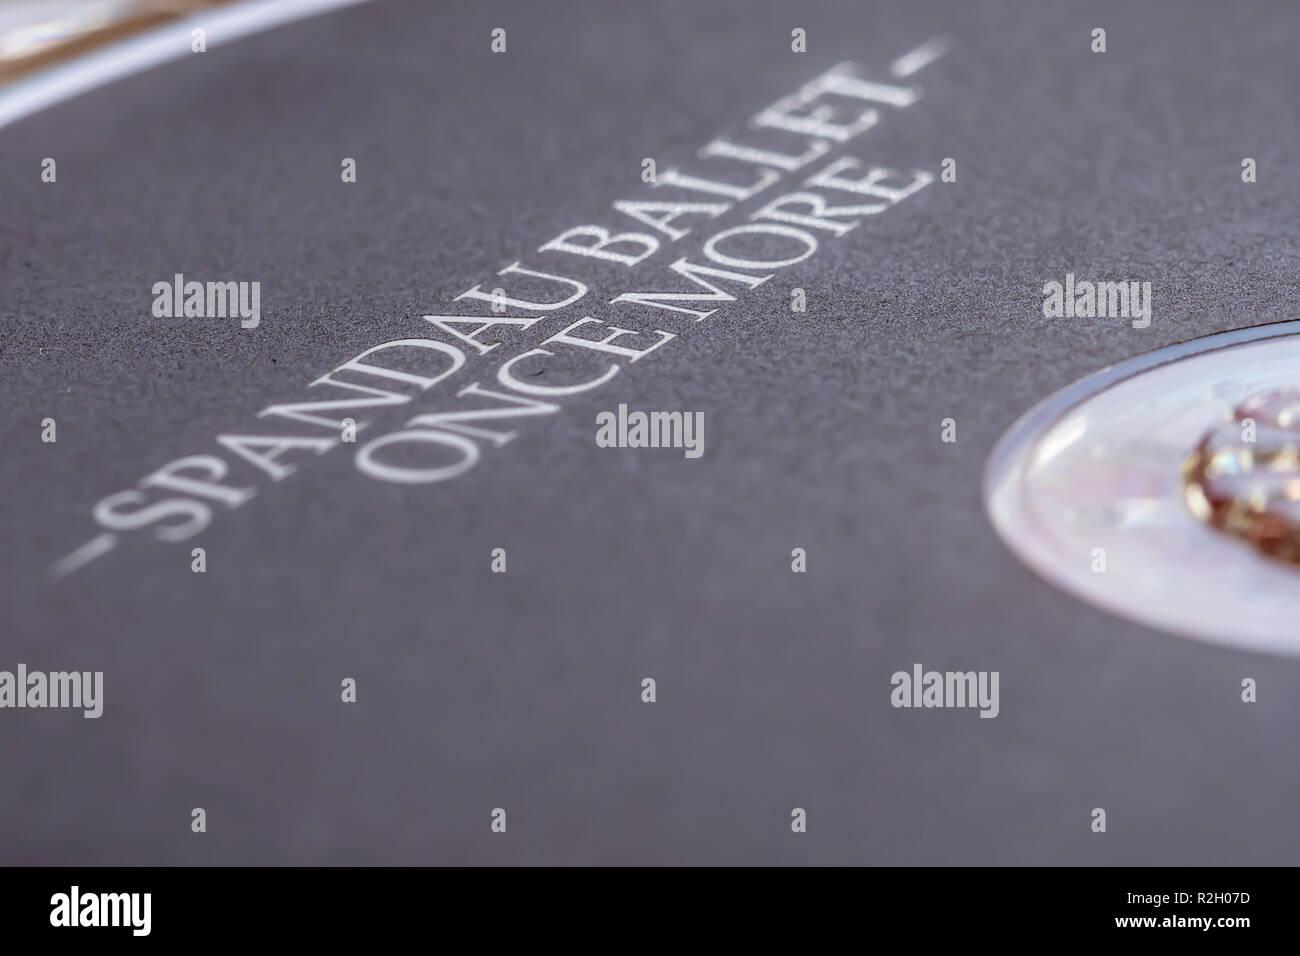 Gros plan de l'accueil d'un CD (disque compact), 'une fois de plus' par Spandau Ballet. Musique support de disque compact. Photo Stock